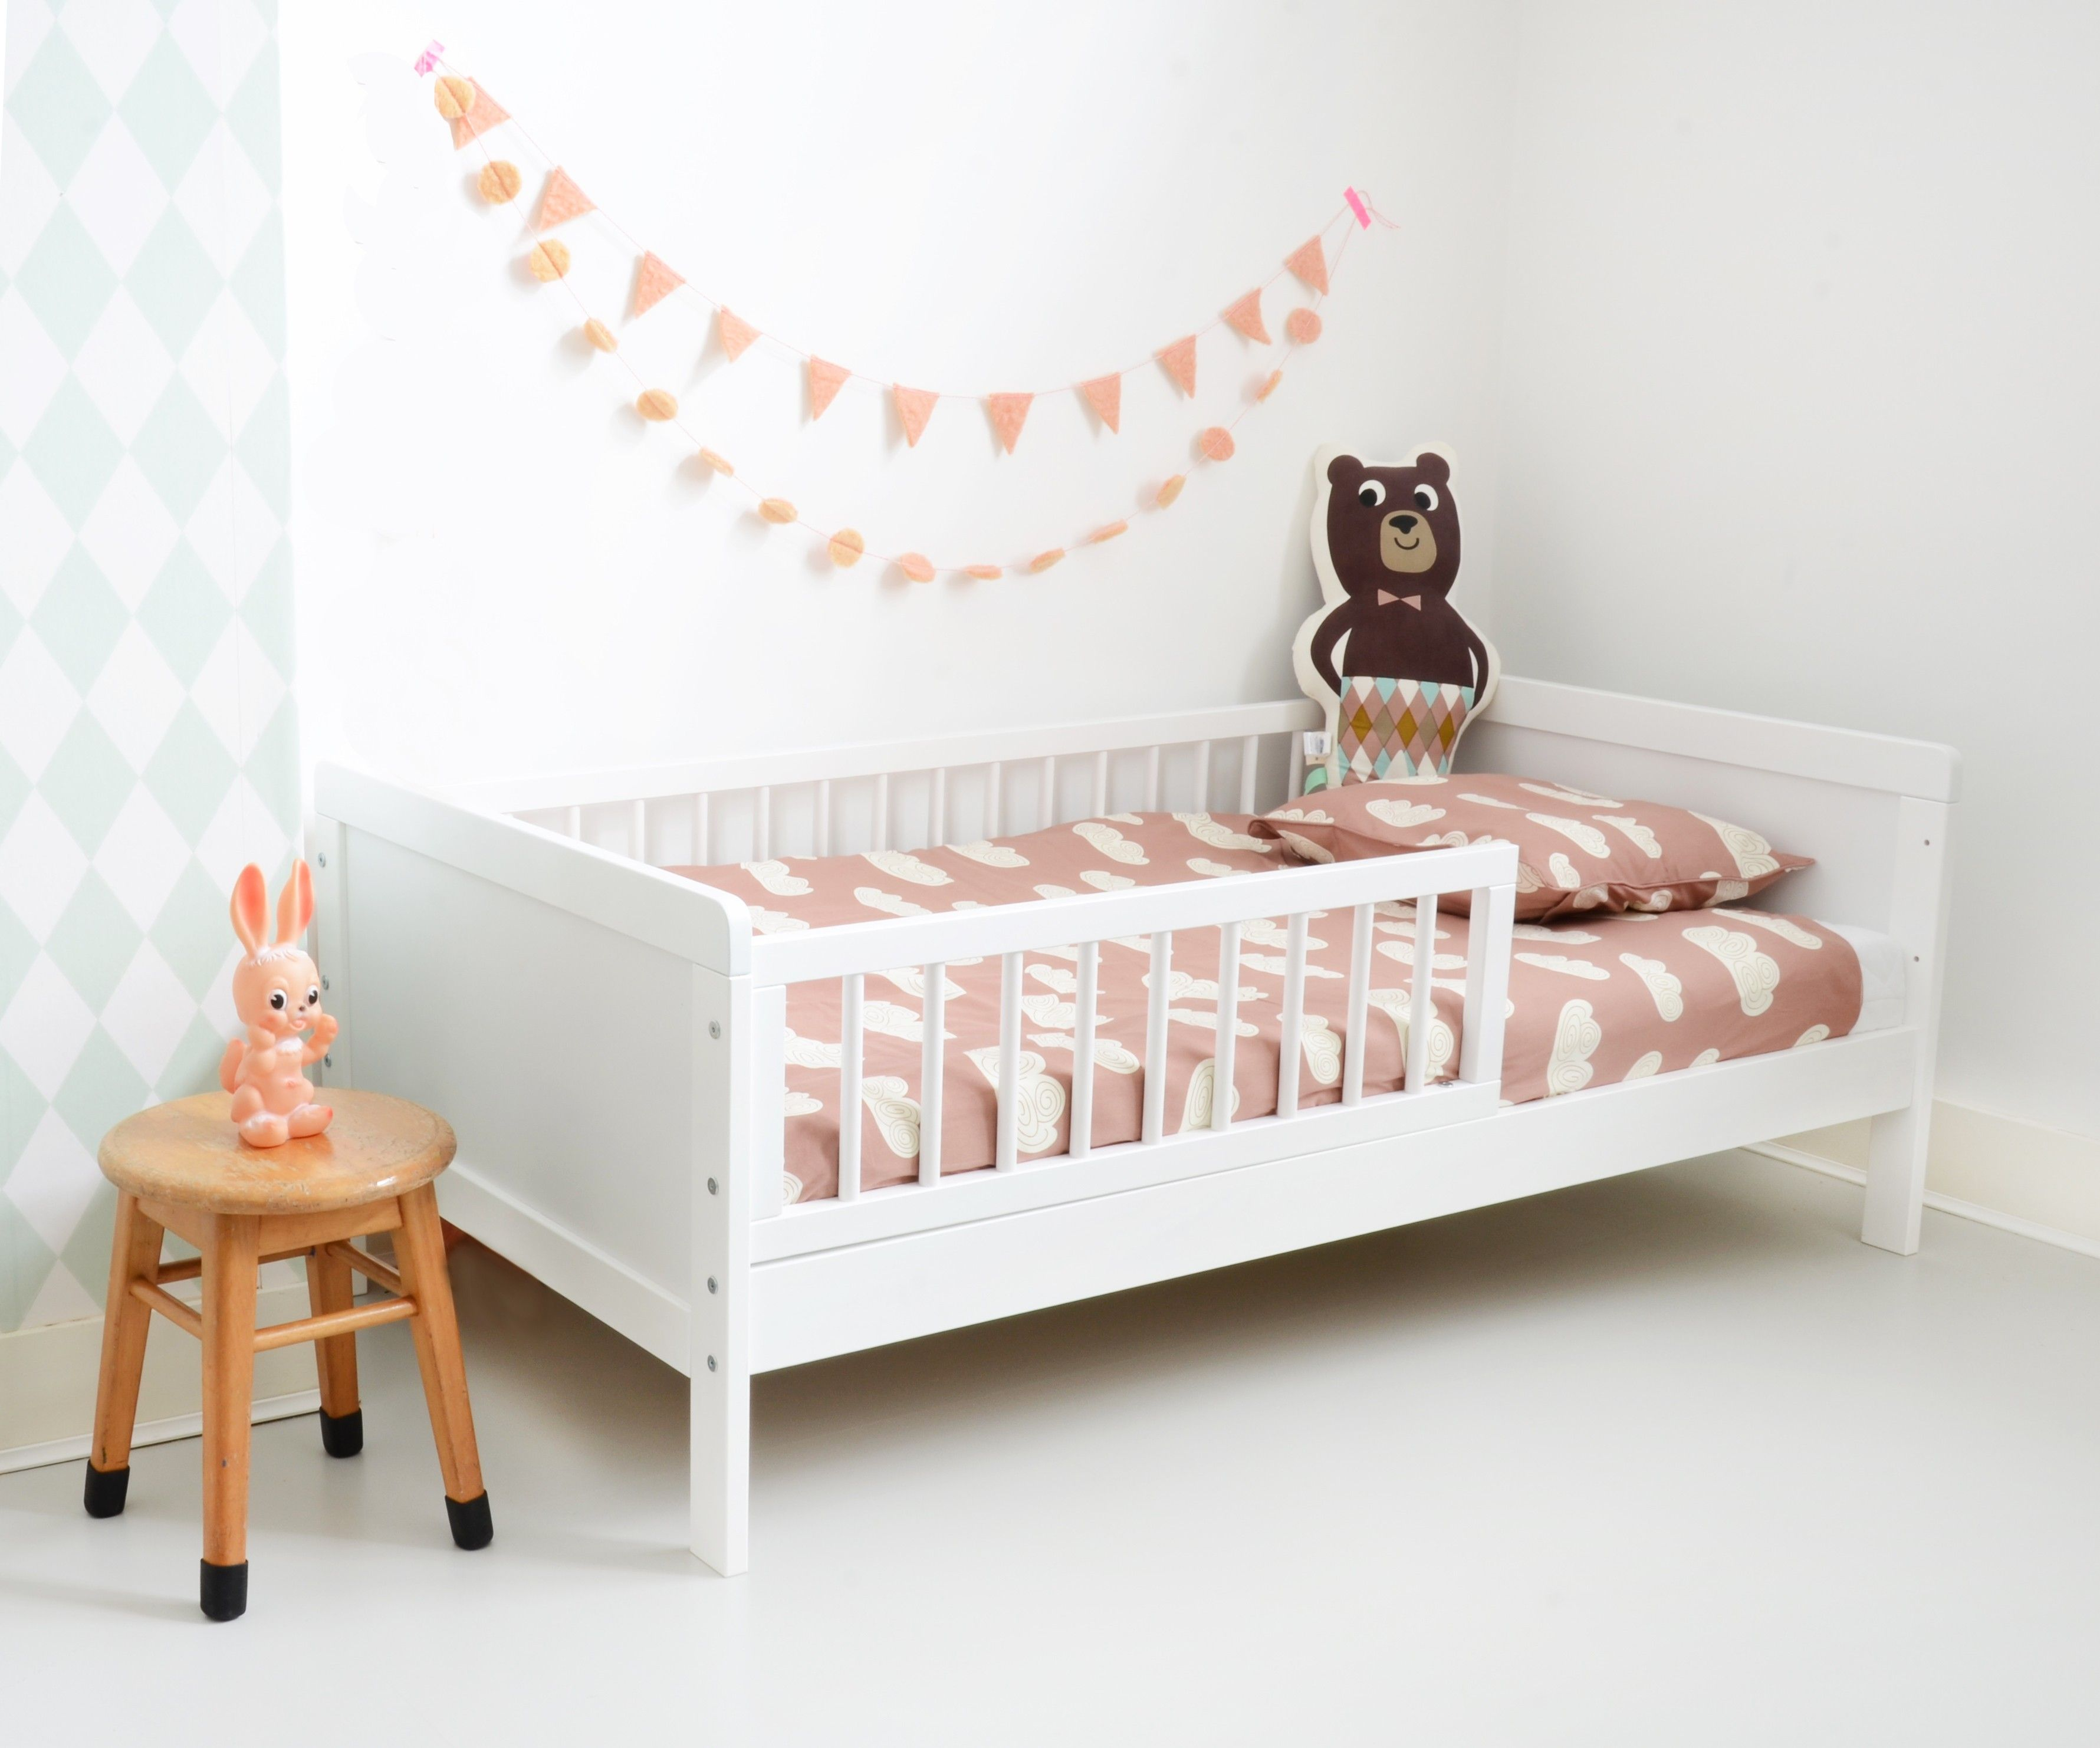 Lit enfant 2 ans 159 euros | chambre en 2019 | Toddler rooms, Baby ...